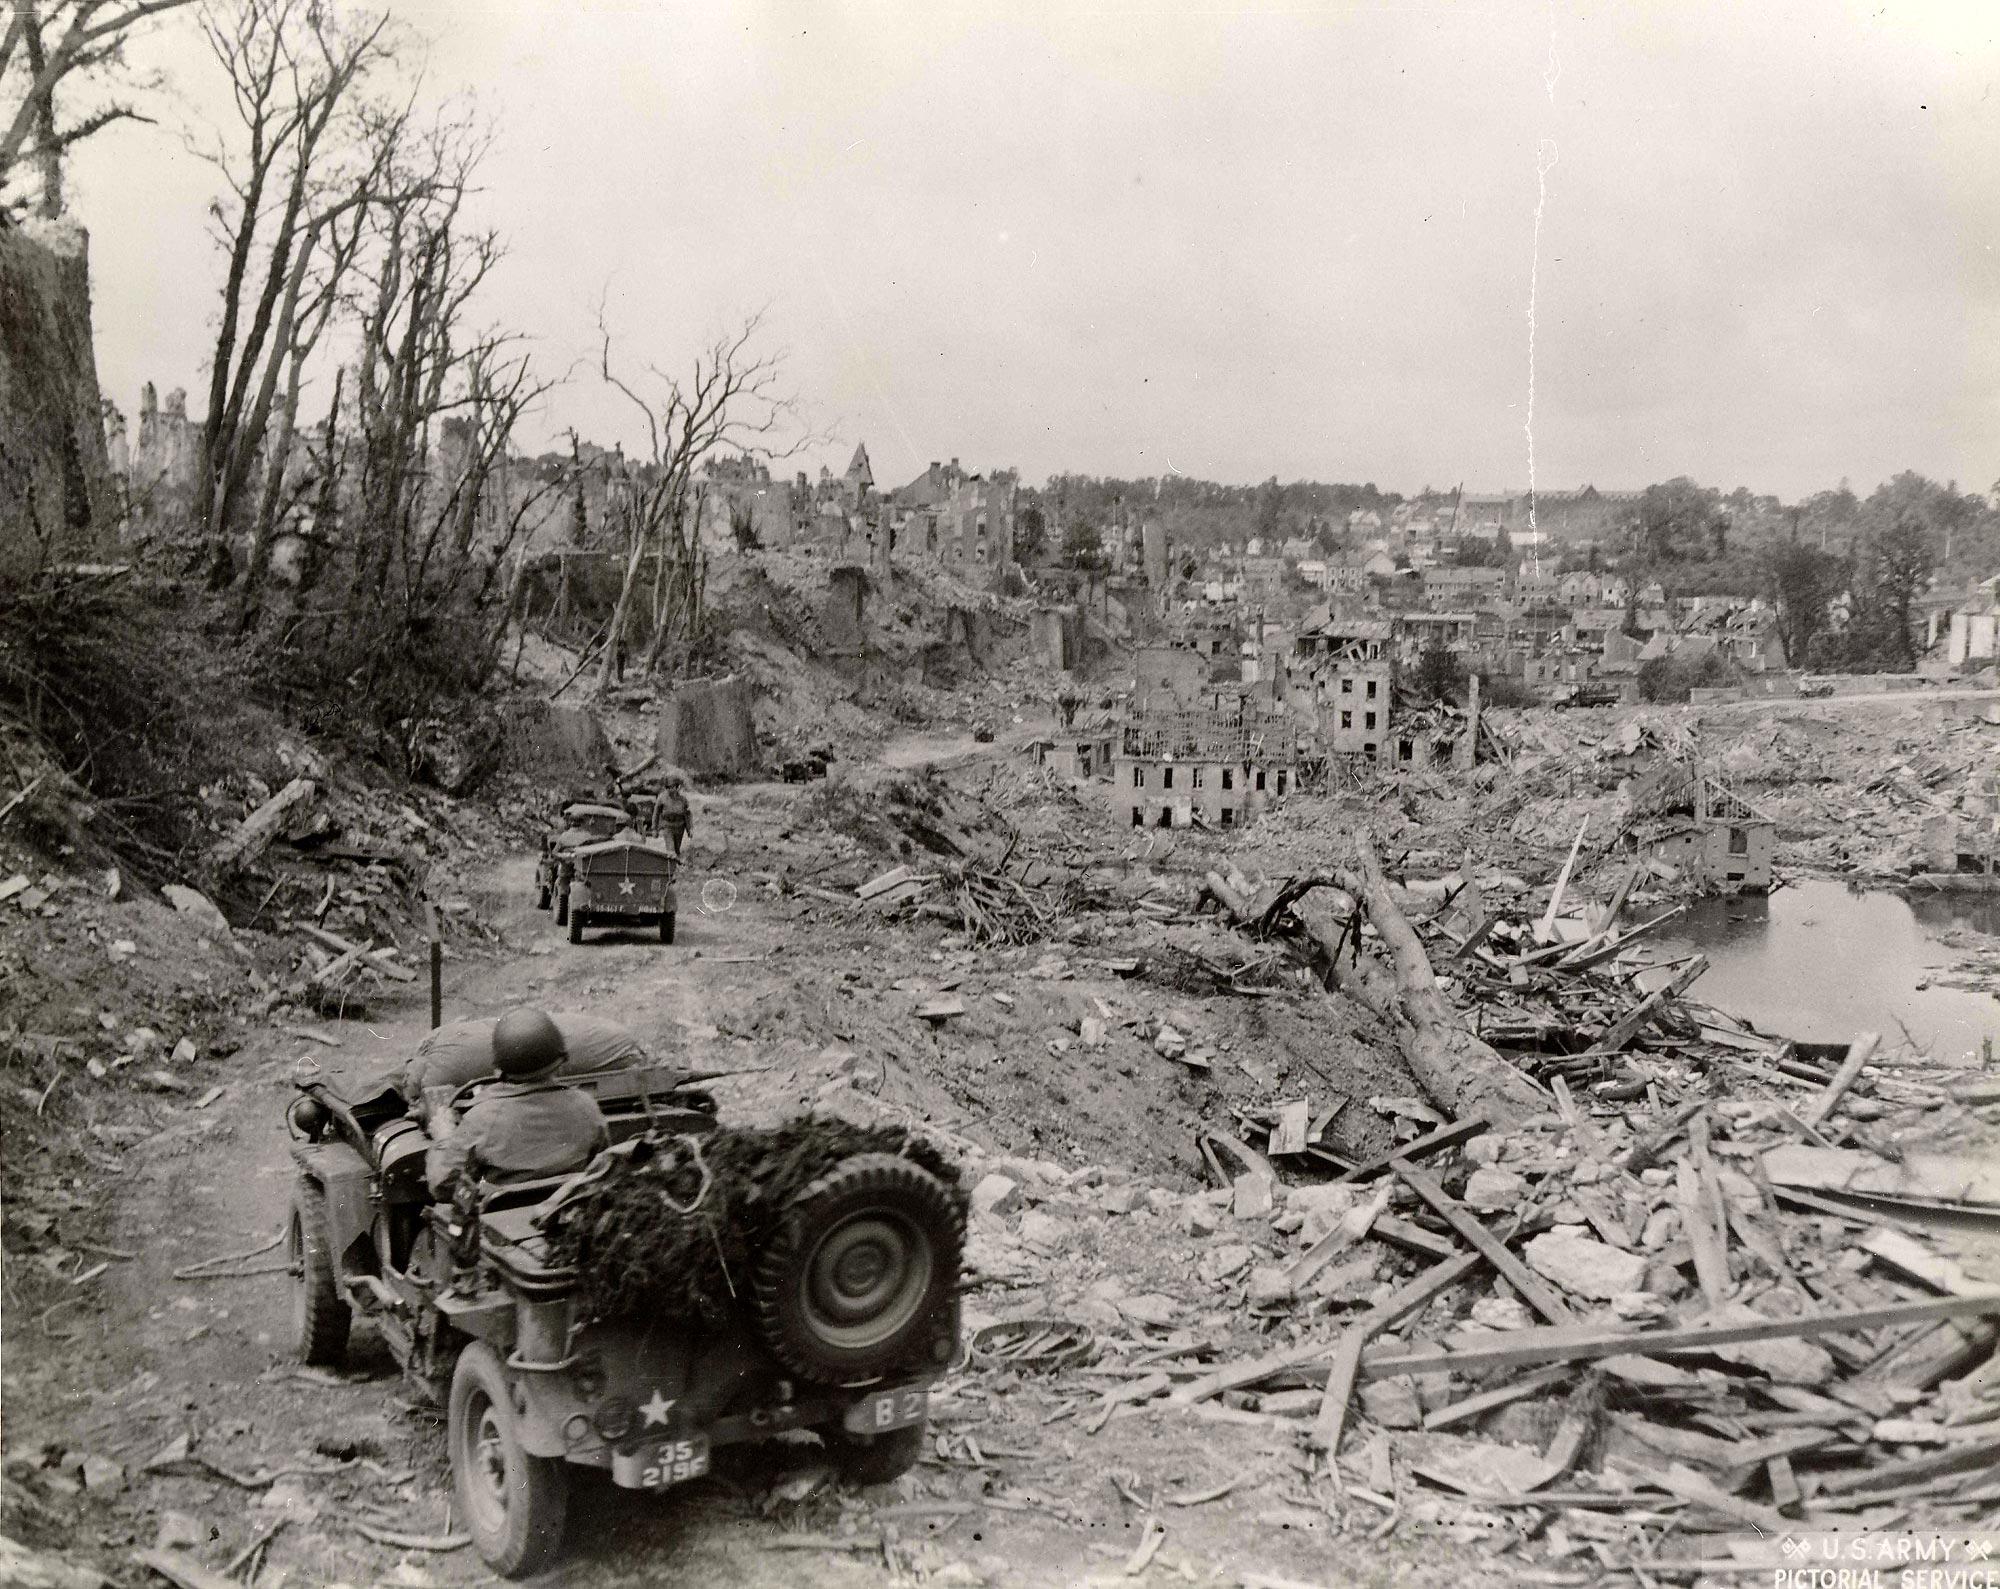 Collection Rodger Hamilton: The War Photos